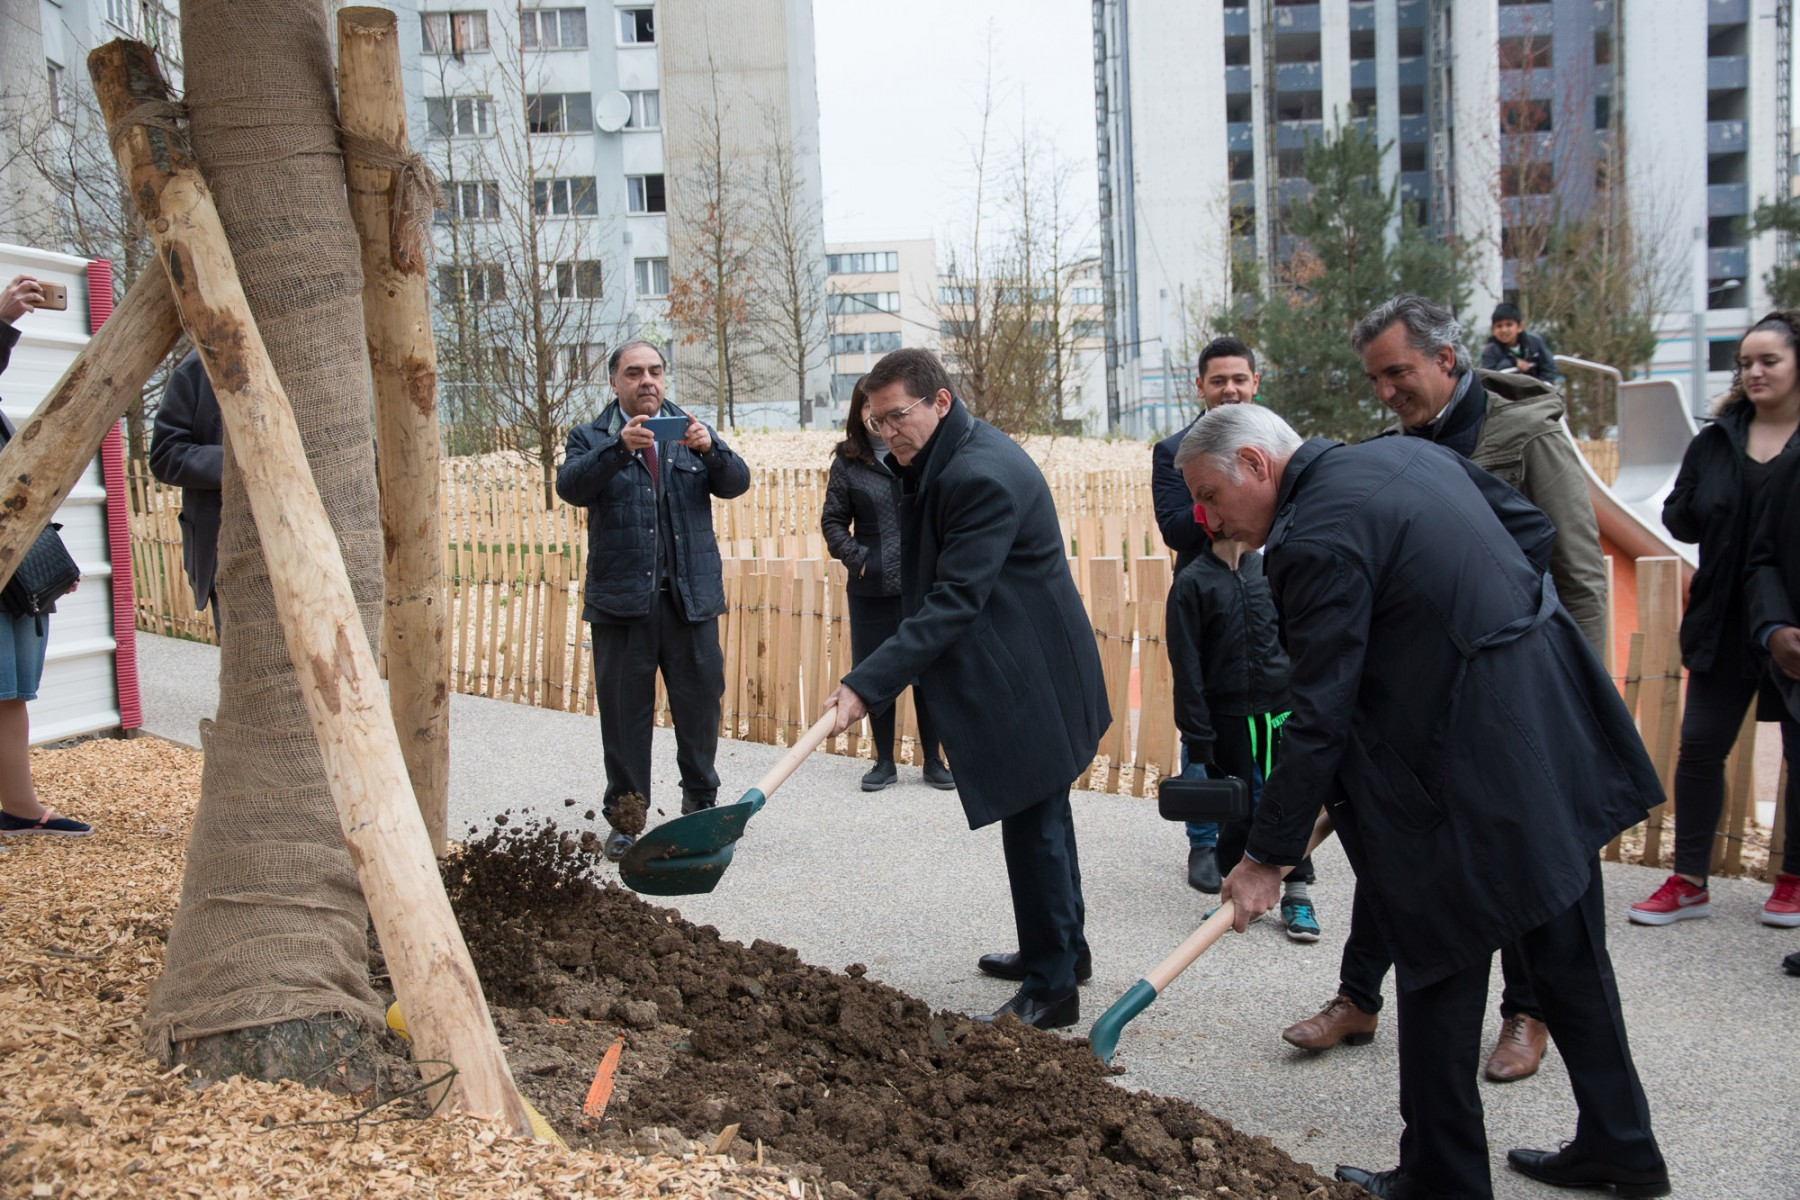 Inauguration du Jardin de Mevaseret Zion à Epinay-sur-Seine